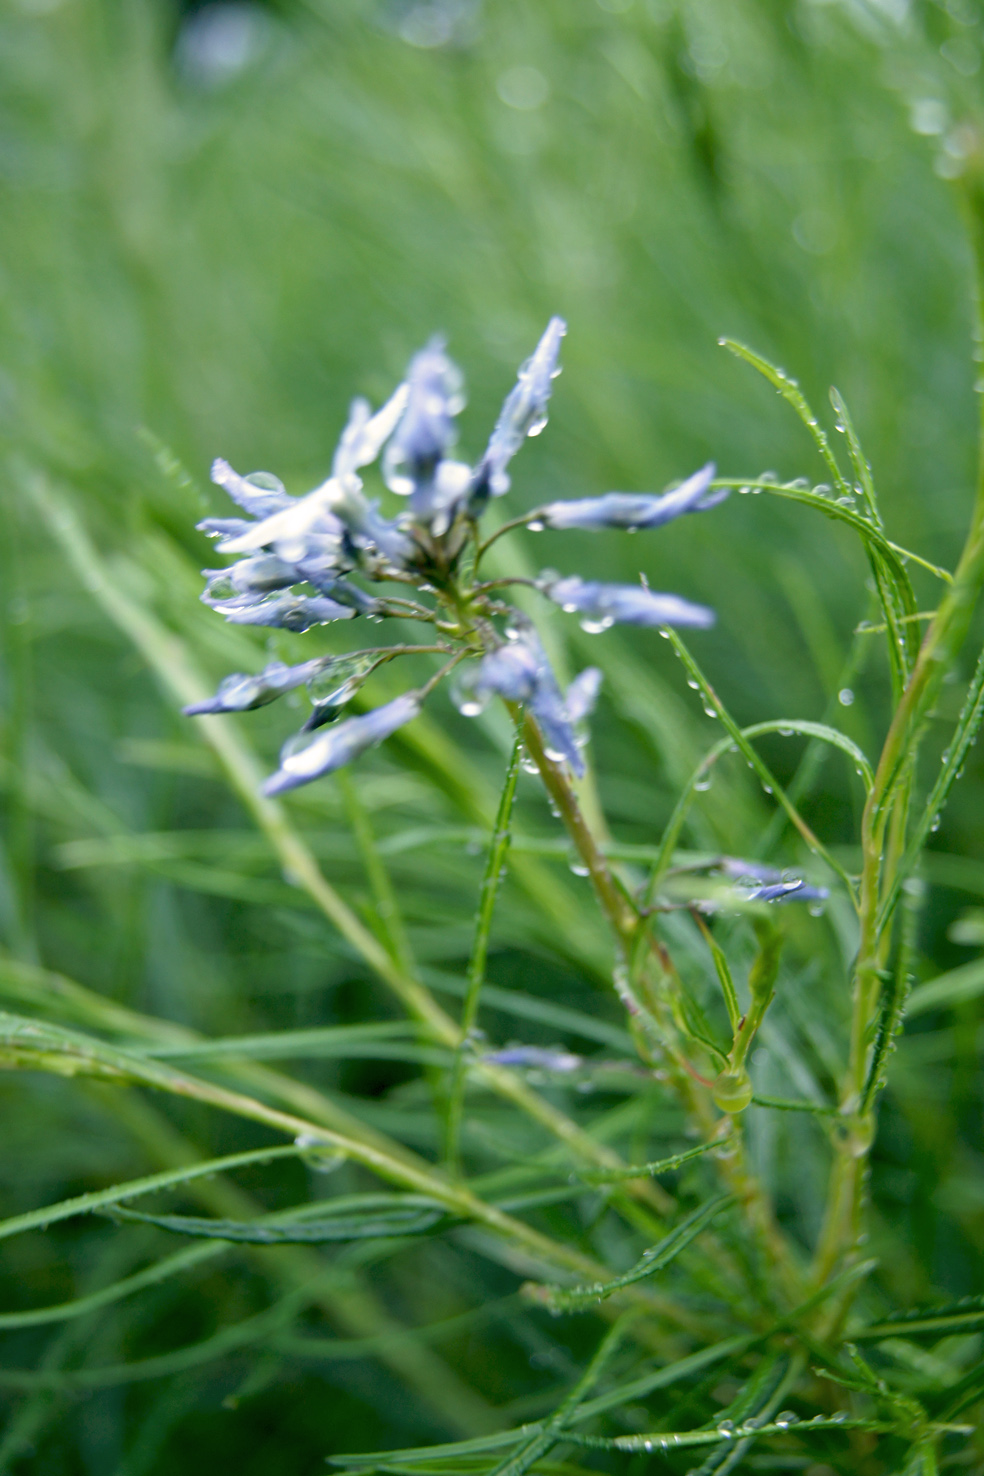 Amsonia hubrichtii (Blausternbusch)